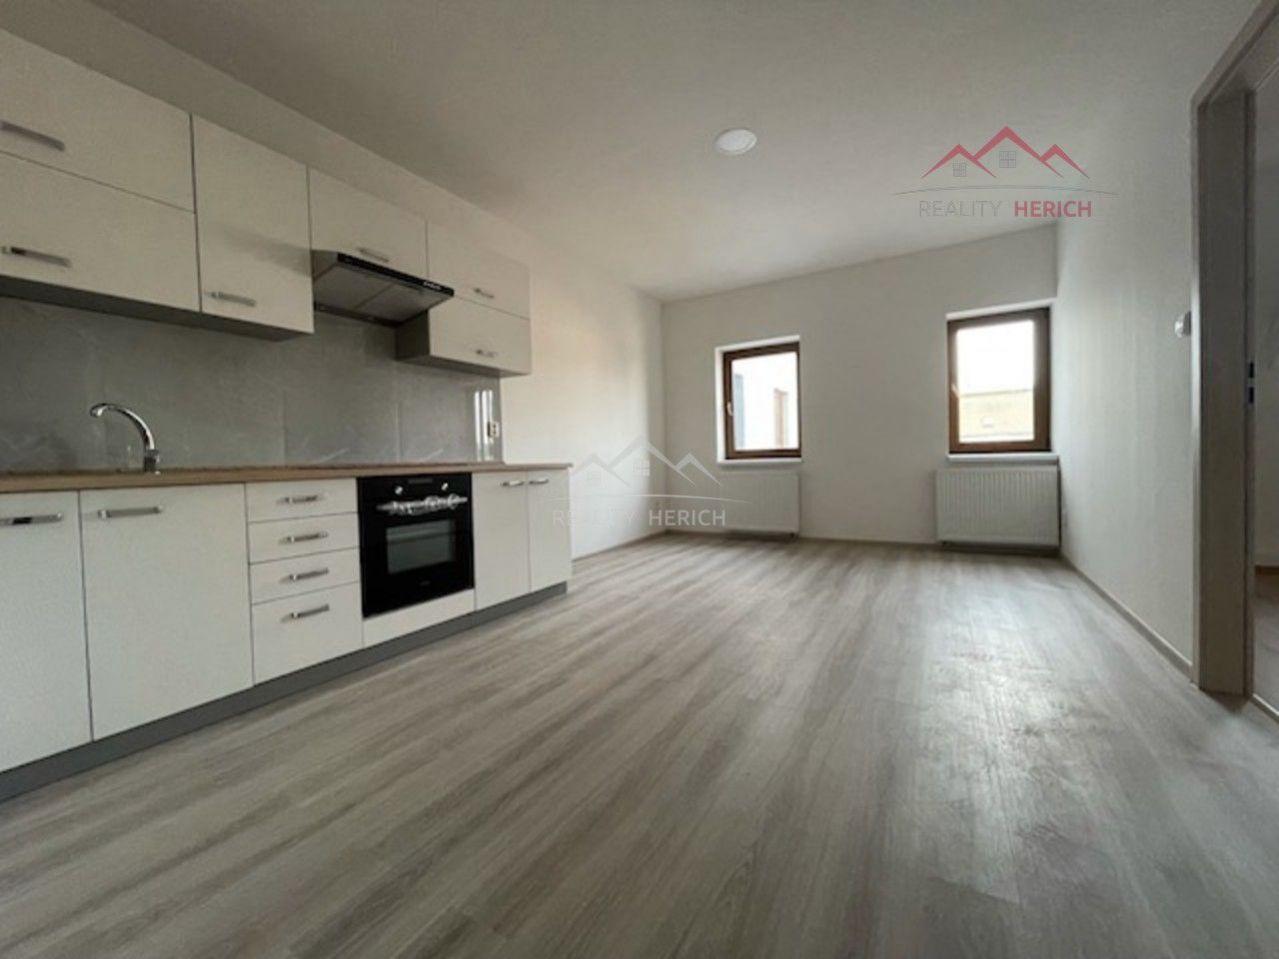 Exkluzivní pronájem podkrovního bytu 2+1 (62 m2) Ruská, Chomutov